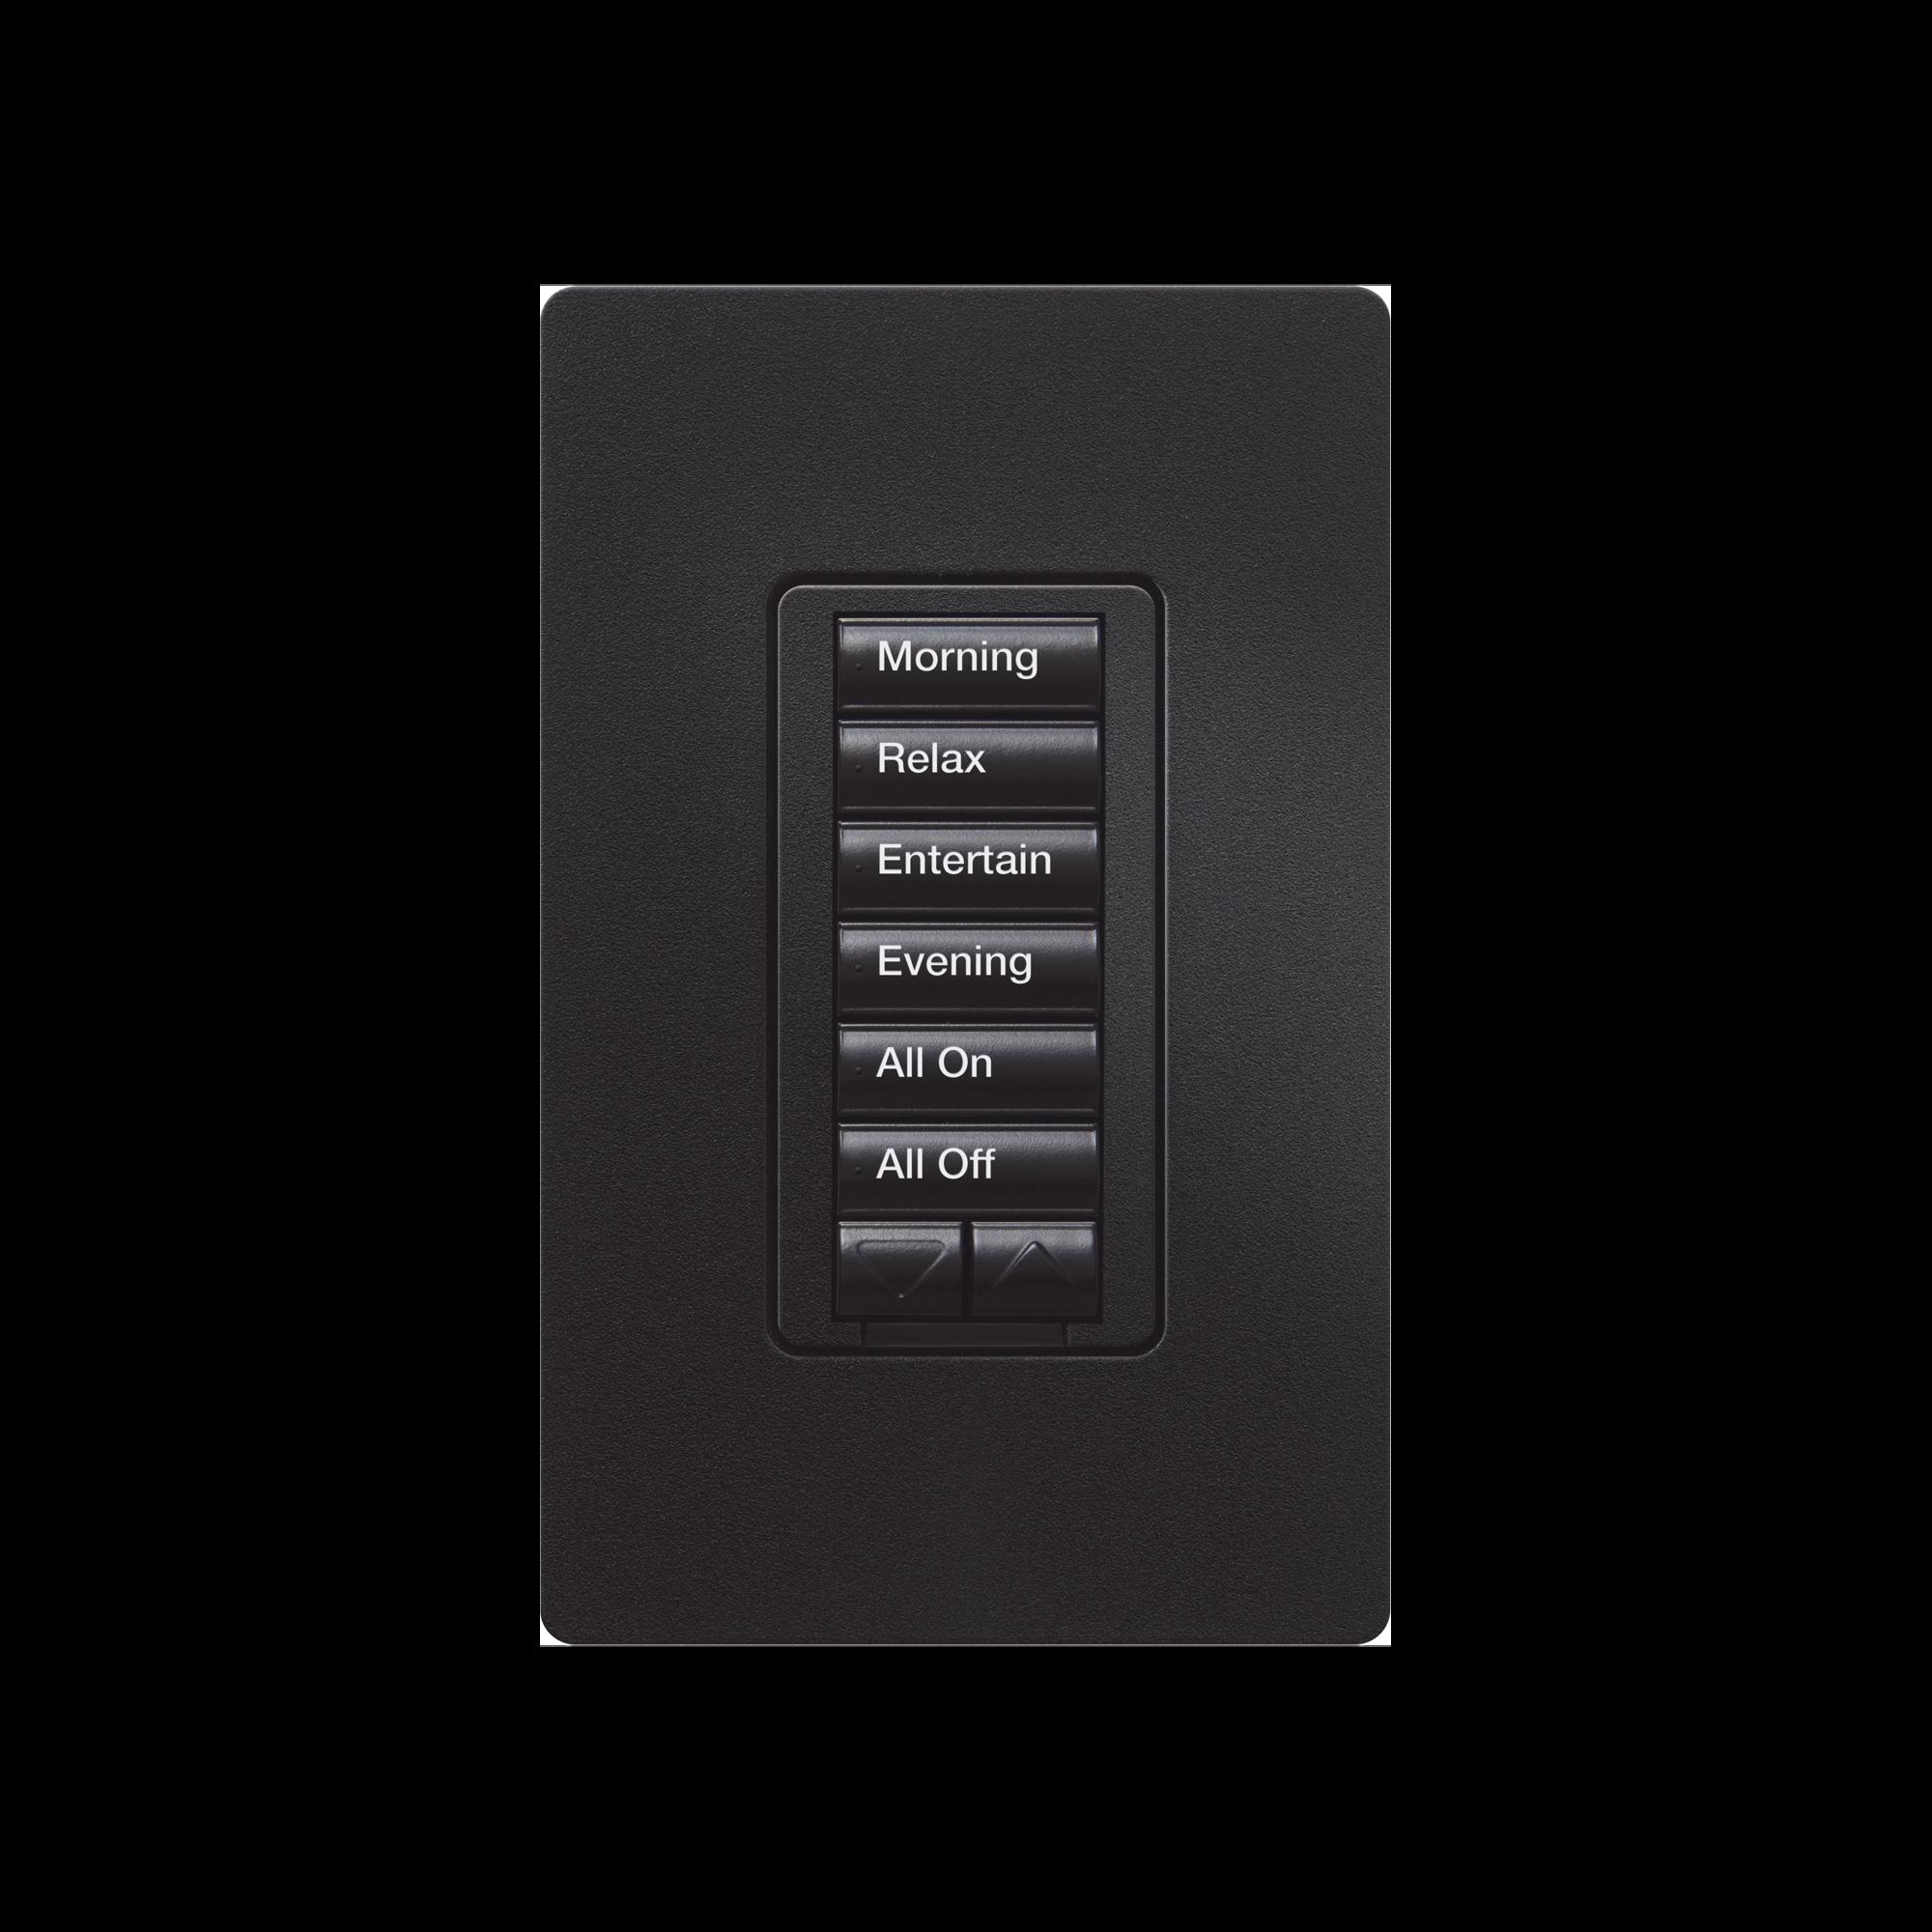 Teclado seetouch 6 botones, 2 botones subir/bajar, programe escenas diferentes en cada botón, color negro.